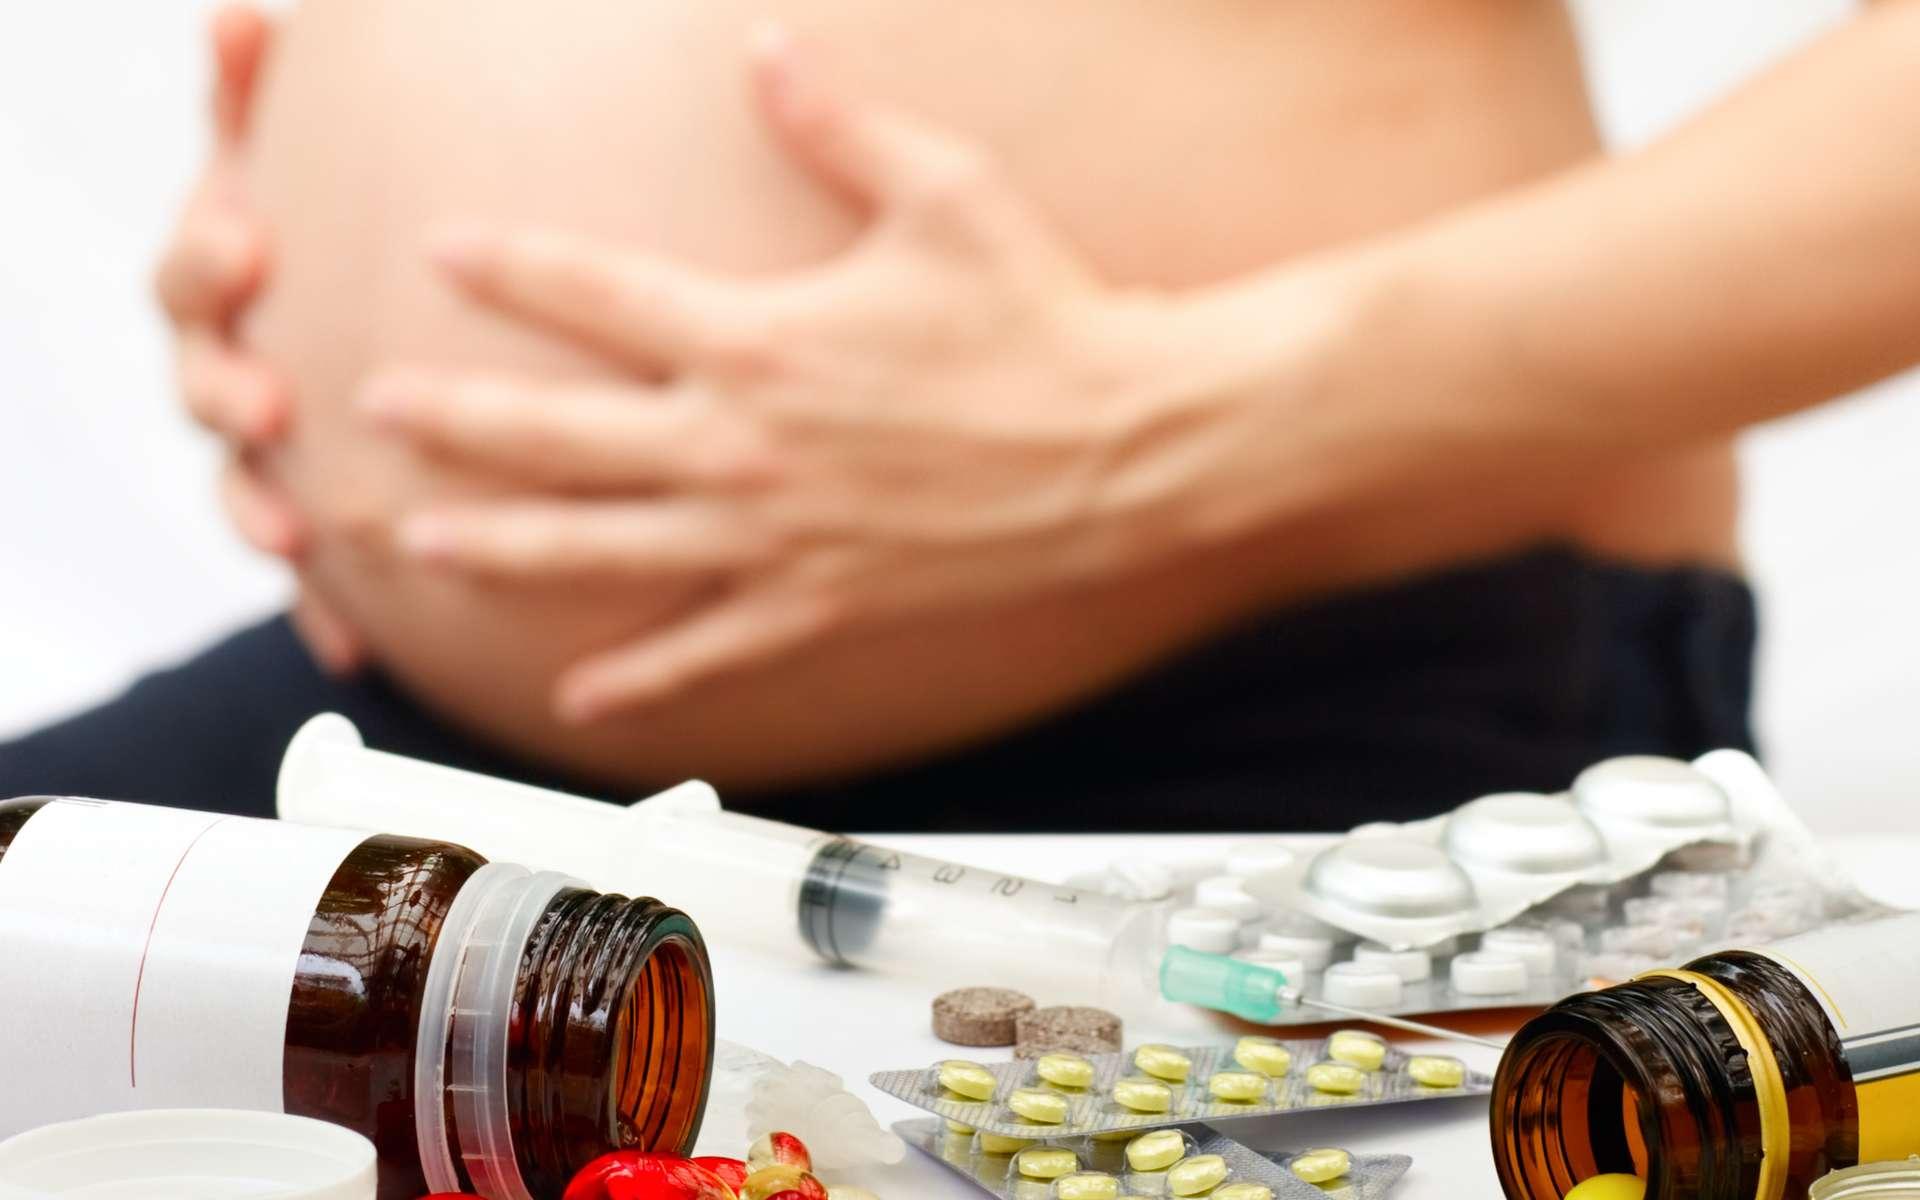 Une femme enceinte devrait toujours consulter son médecin avant de prendre un traitement médicamenteux. Crédits DR.